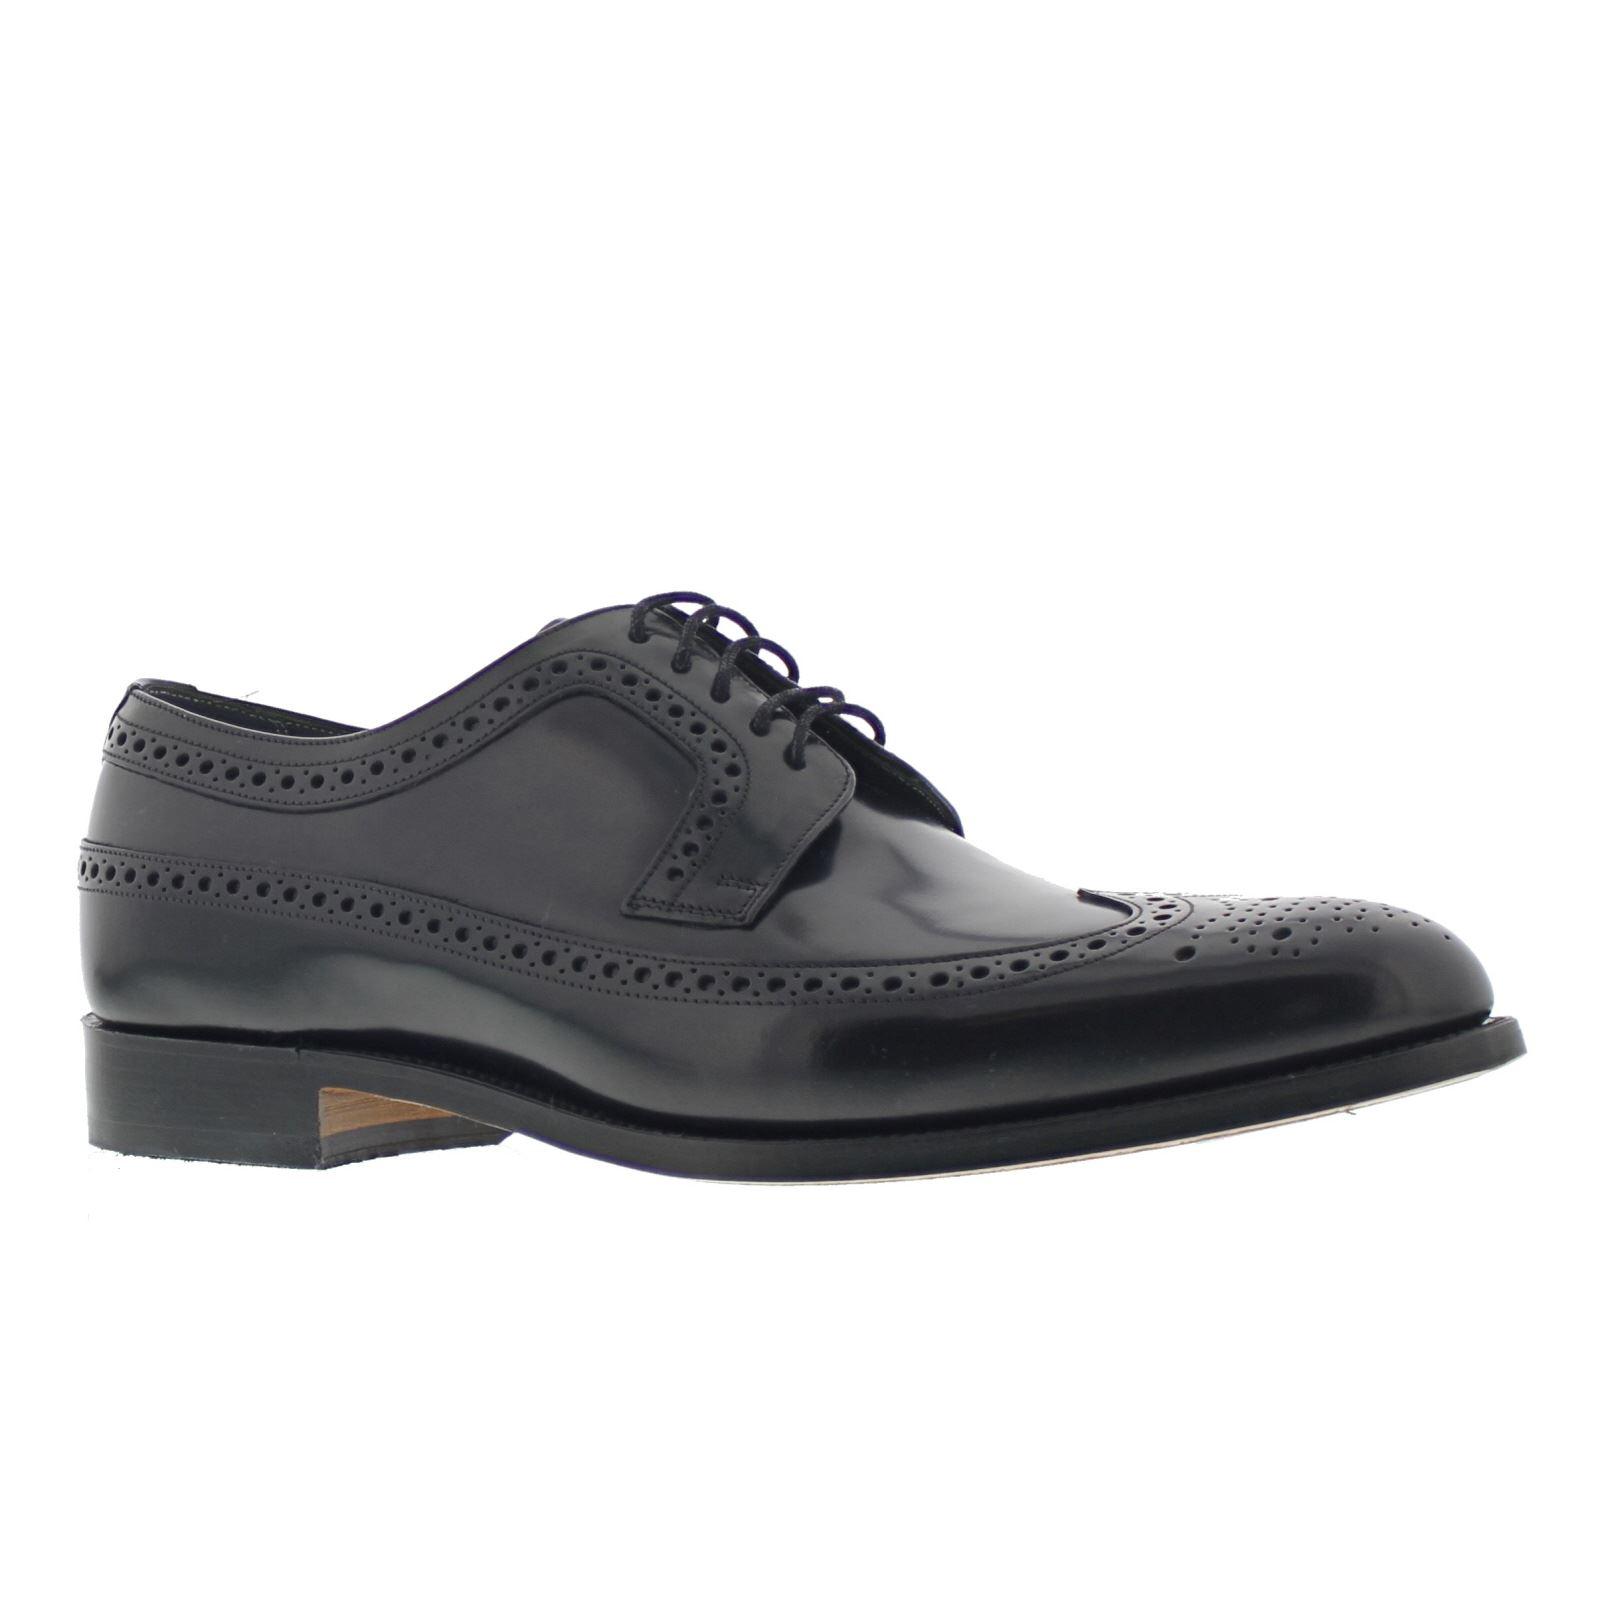 Barker Black Shoes Ebay